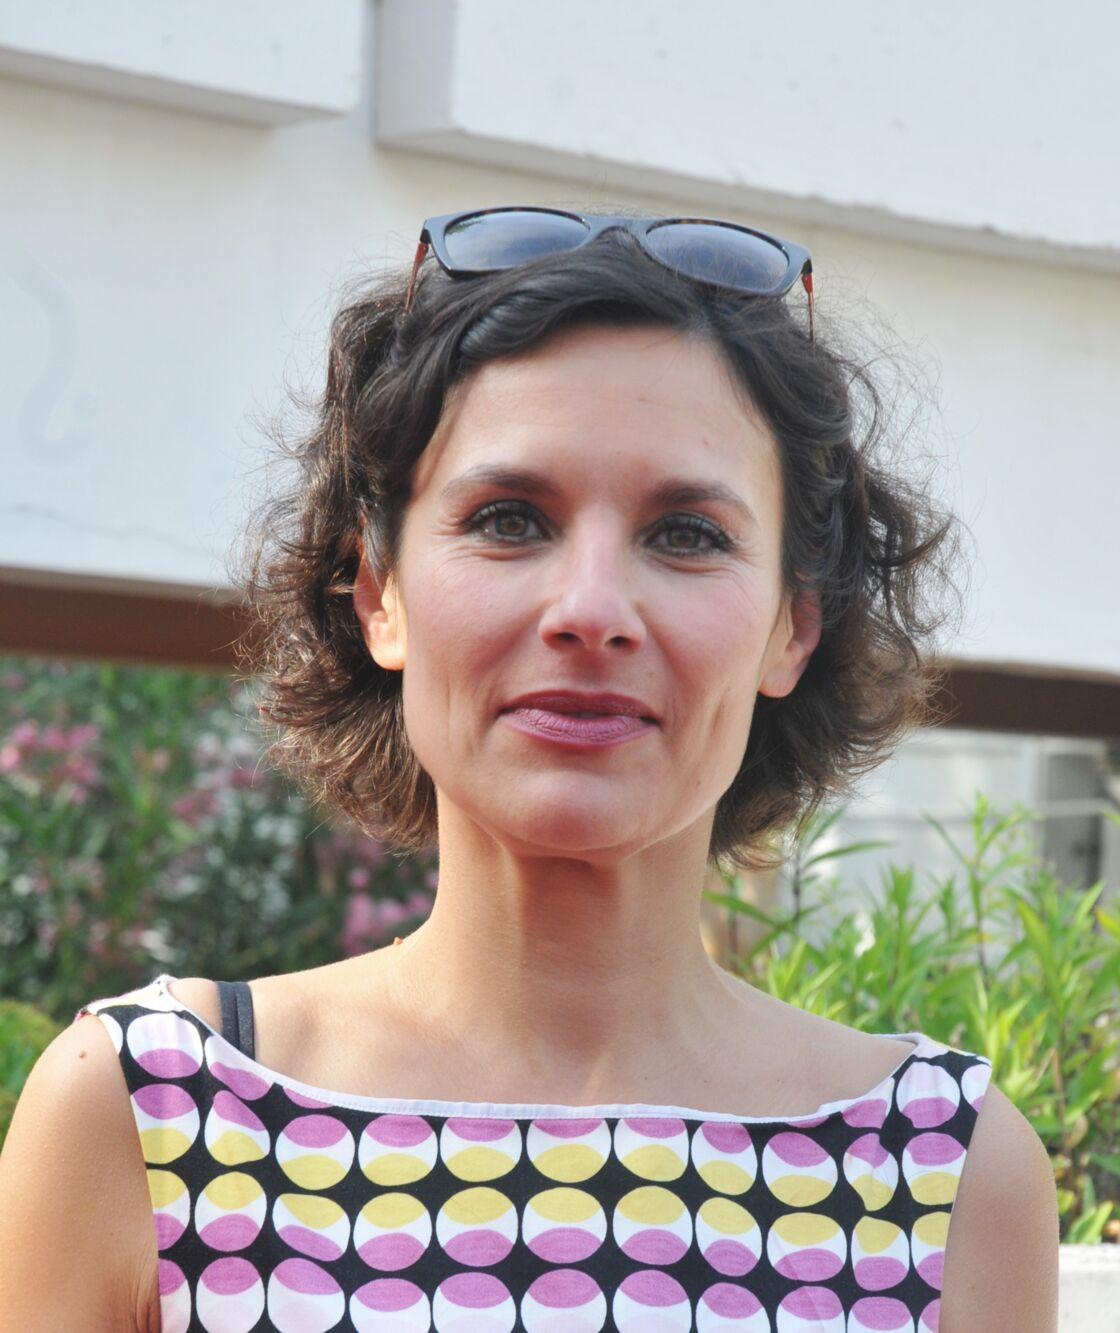 En 2001, la comédienne Noémie Kocher avait déposé plainte contre Jean-Claude Brisseau pour harcèlement sexuel